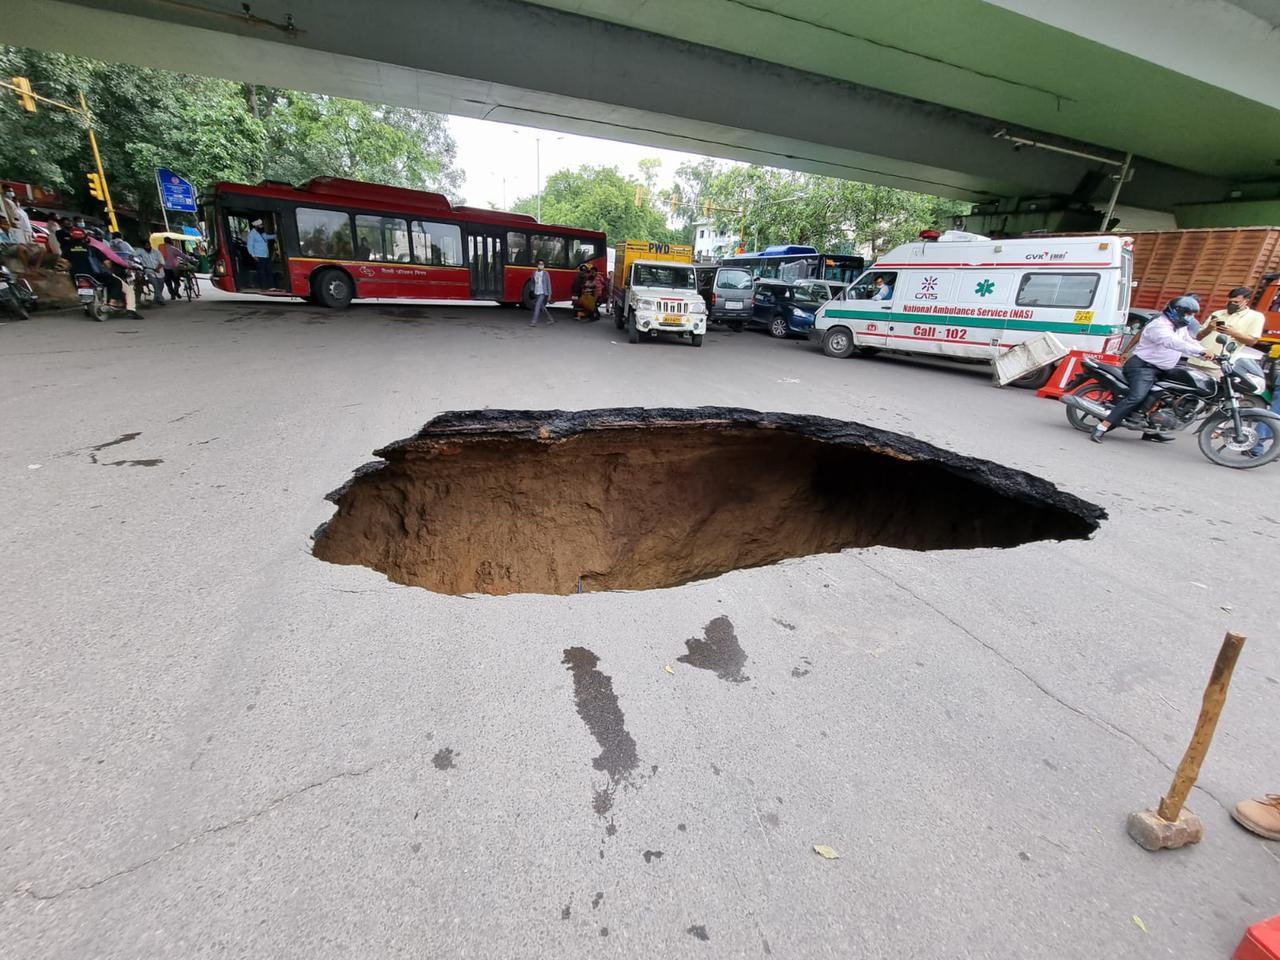 IIT रोड पर सड़क जमीन के अंदर धंसने के बाद जाम जैसी स्थिति बन गई।